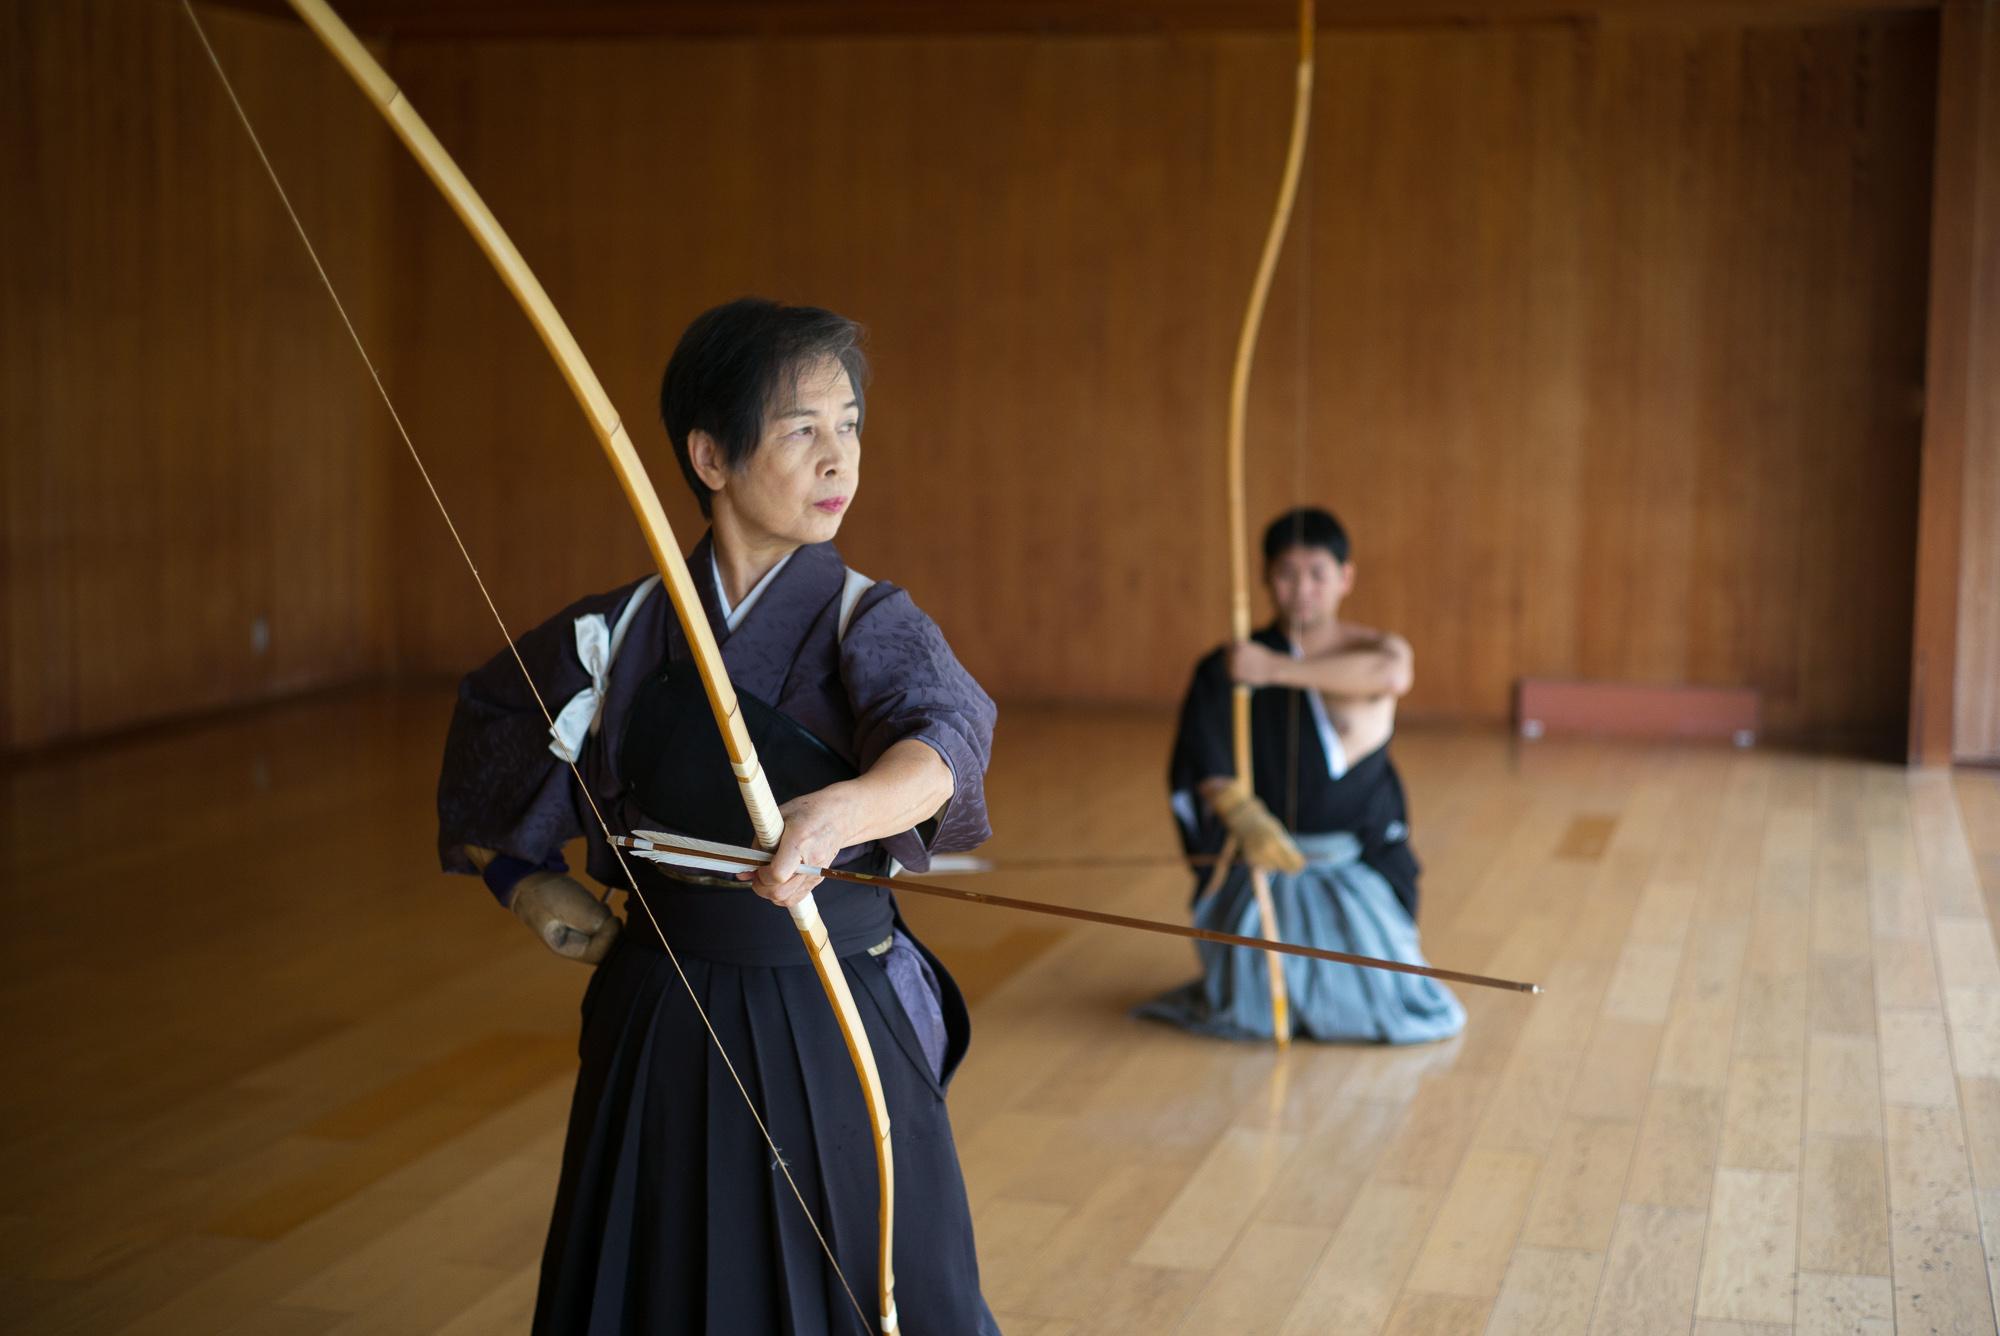 Zen in the Art of Archery © Adam Marelli-4.jpg